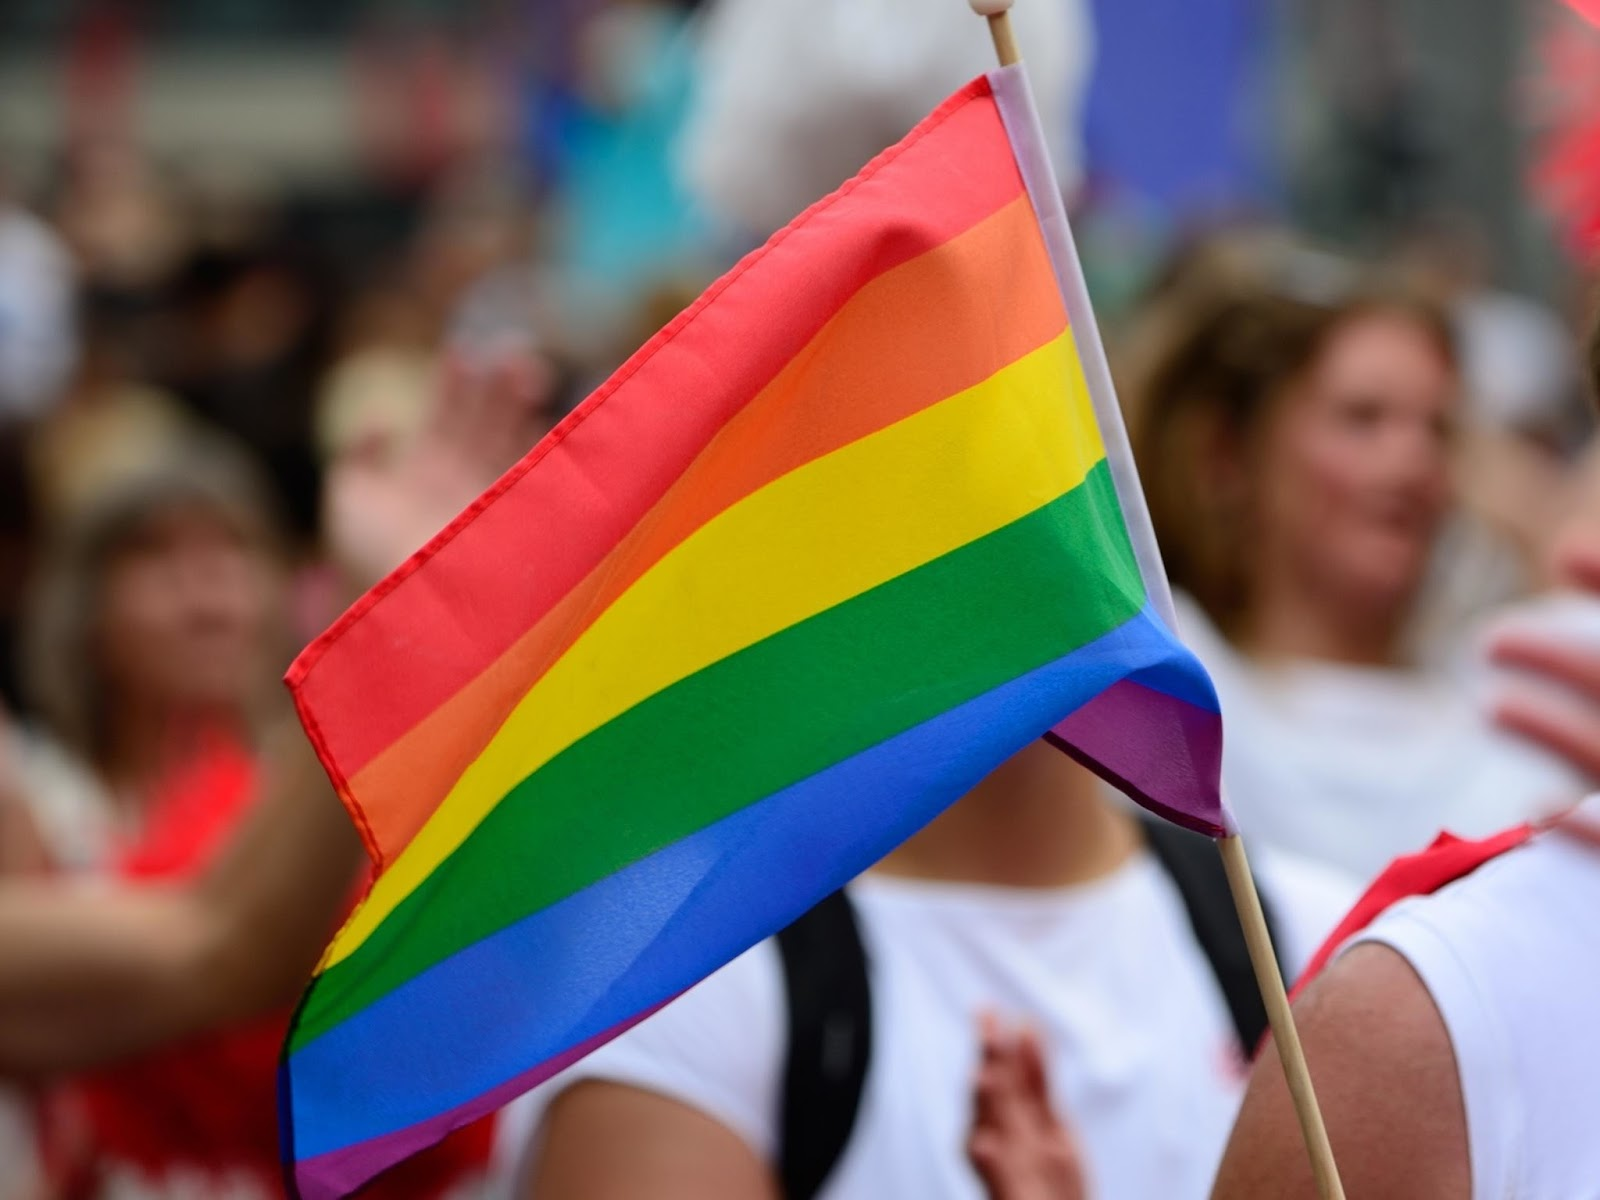 Twitter libera hashtag com emoji da bandeira do arco íris para Parada LGBT de SP